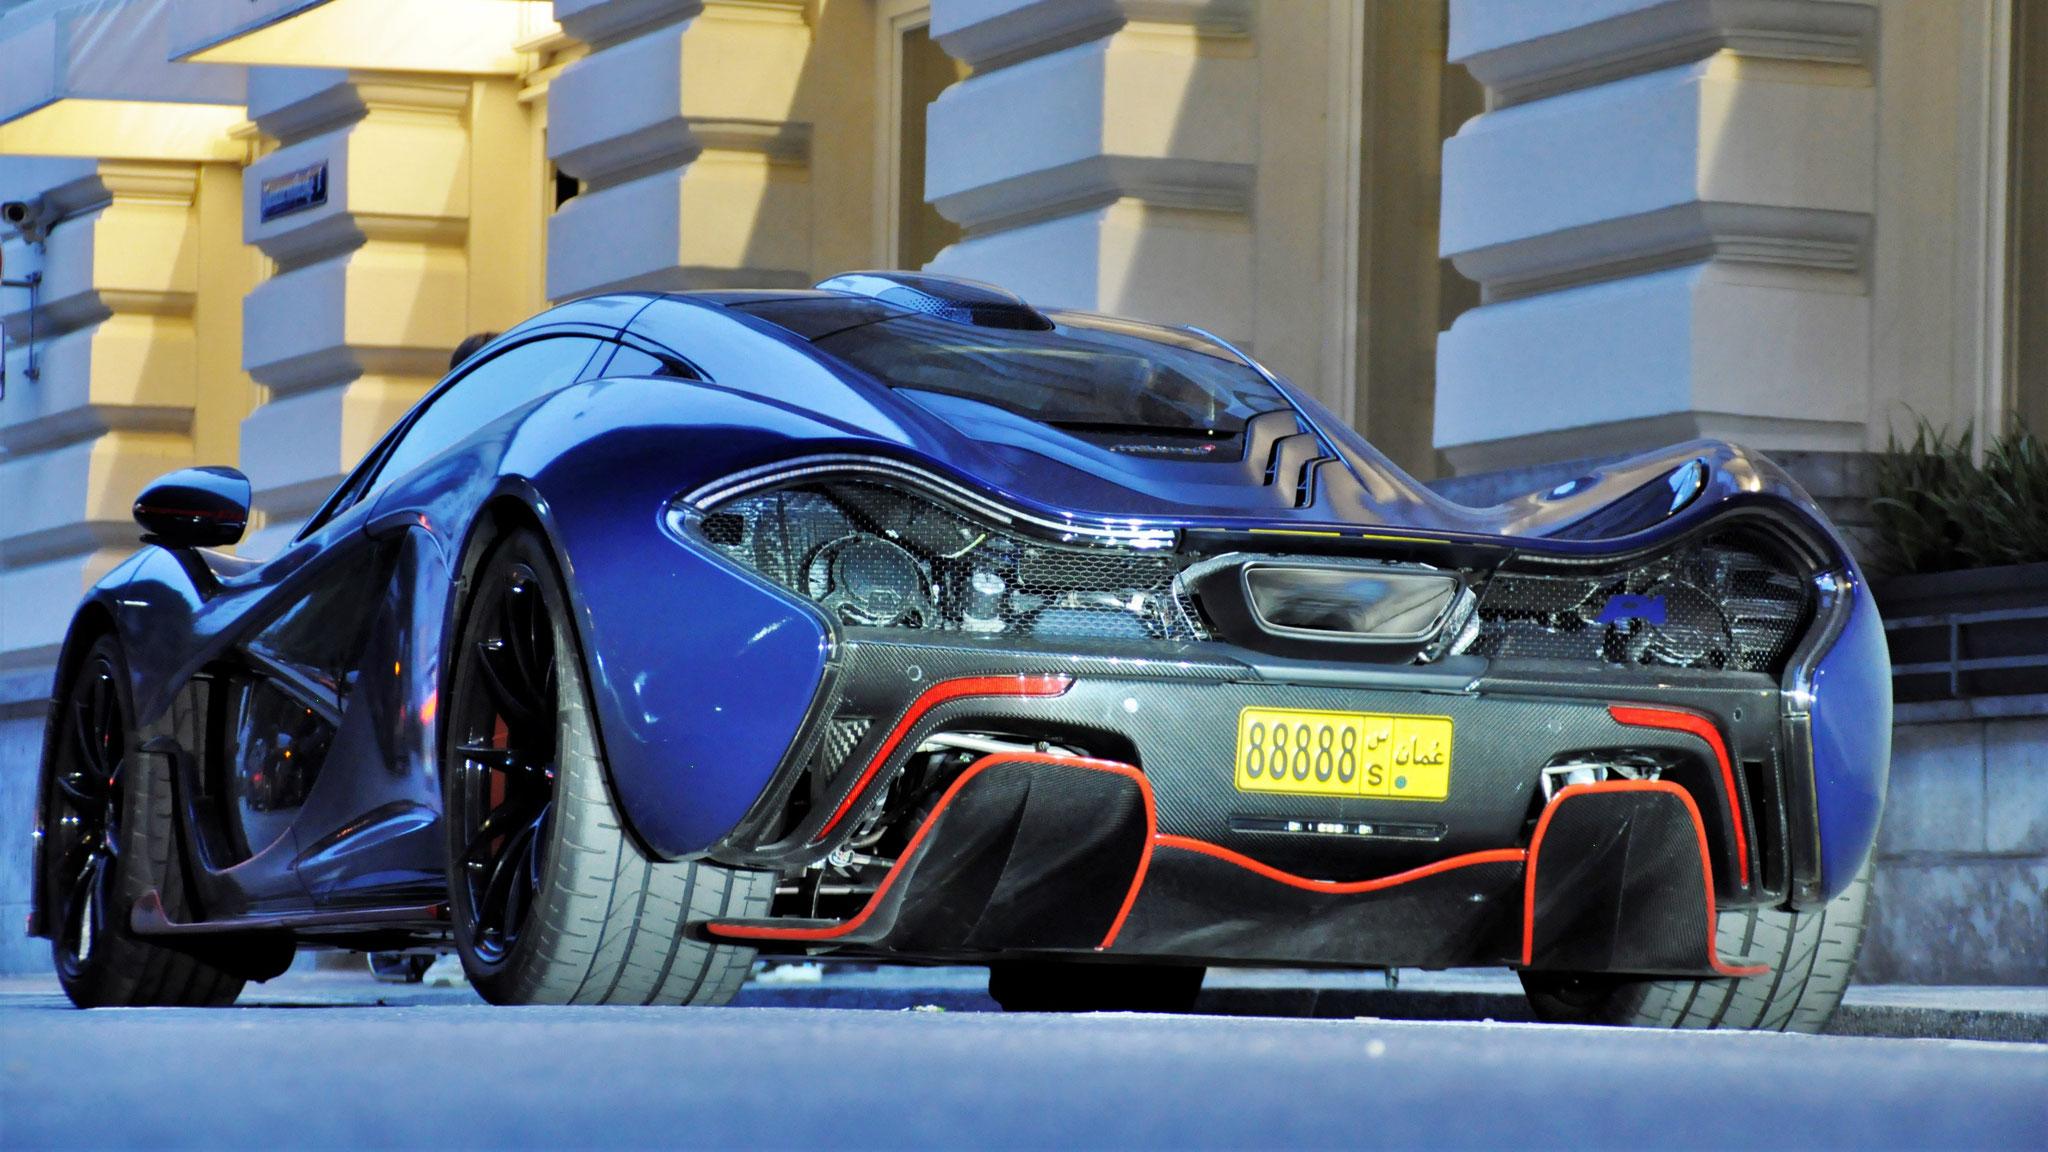 McLaren P1 - 88888 (UAE)